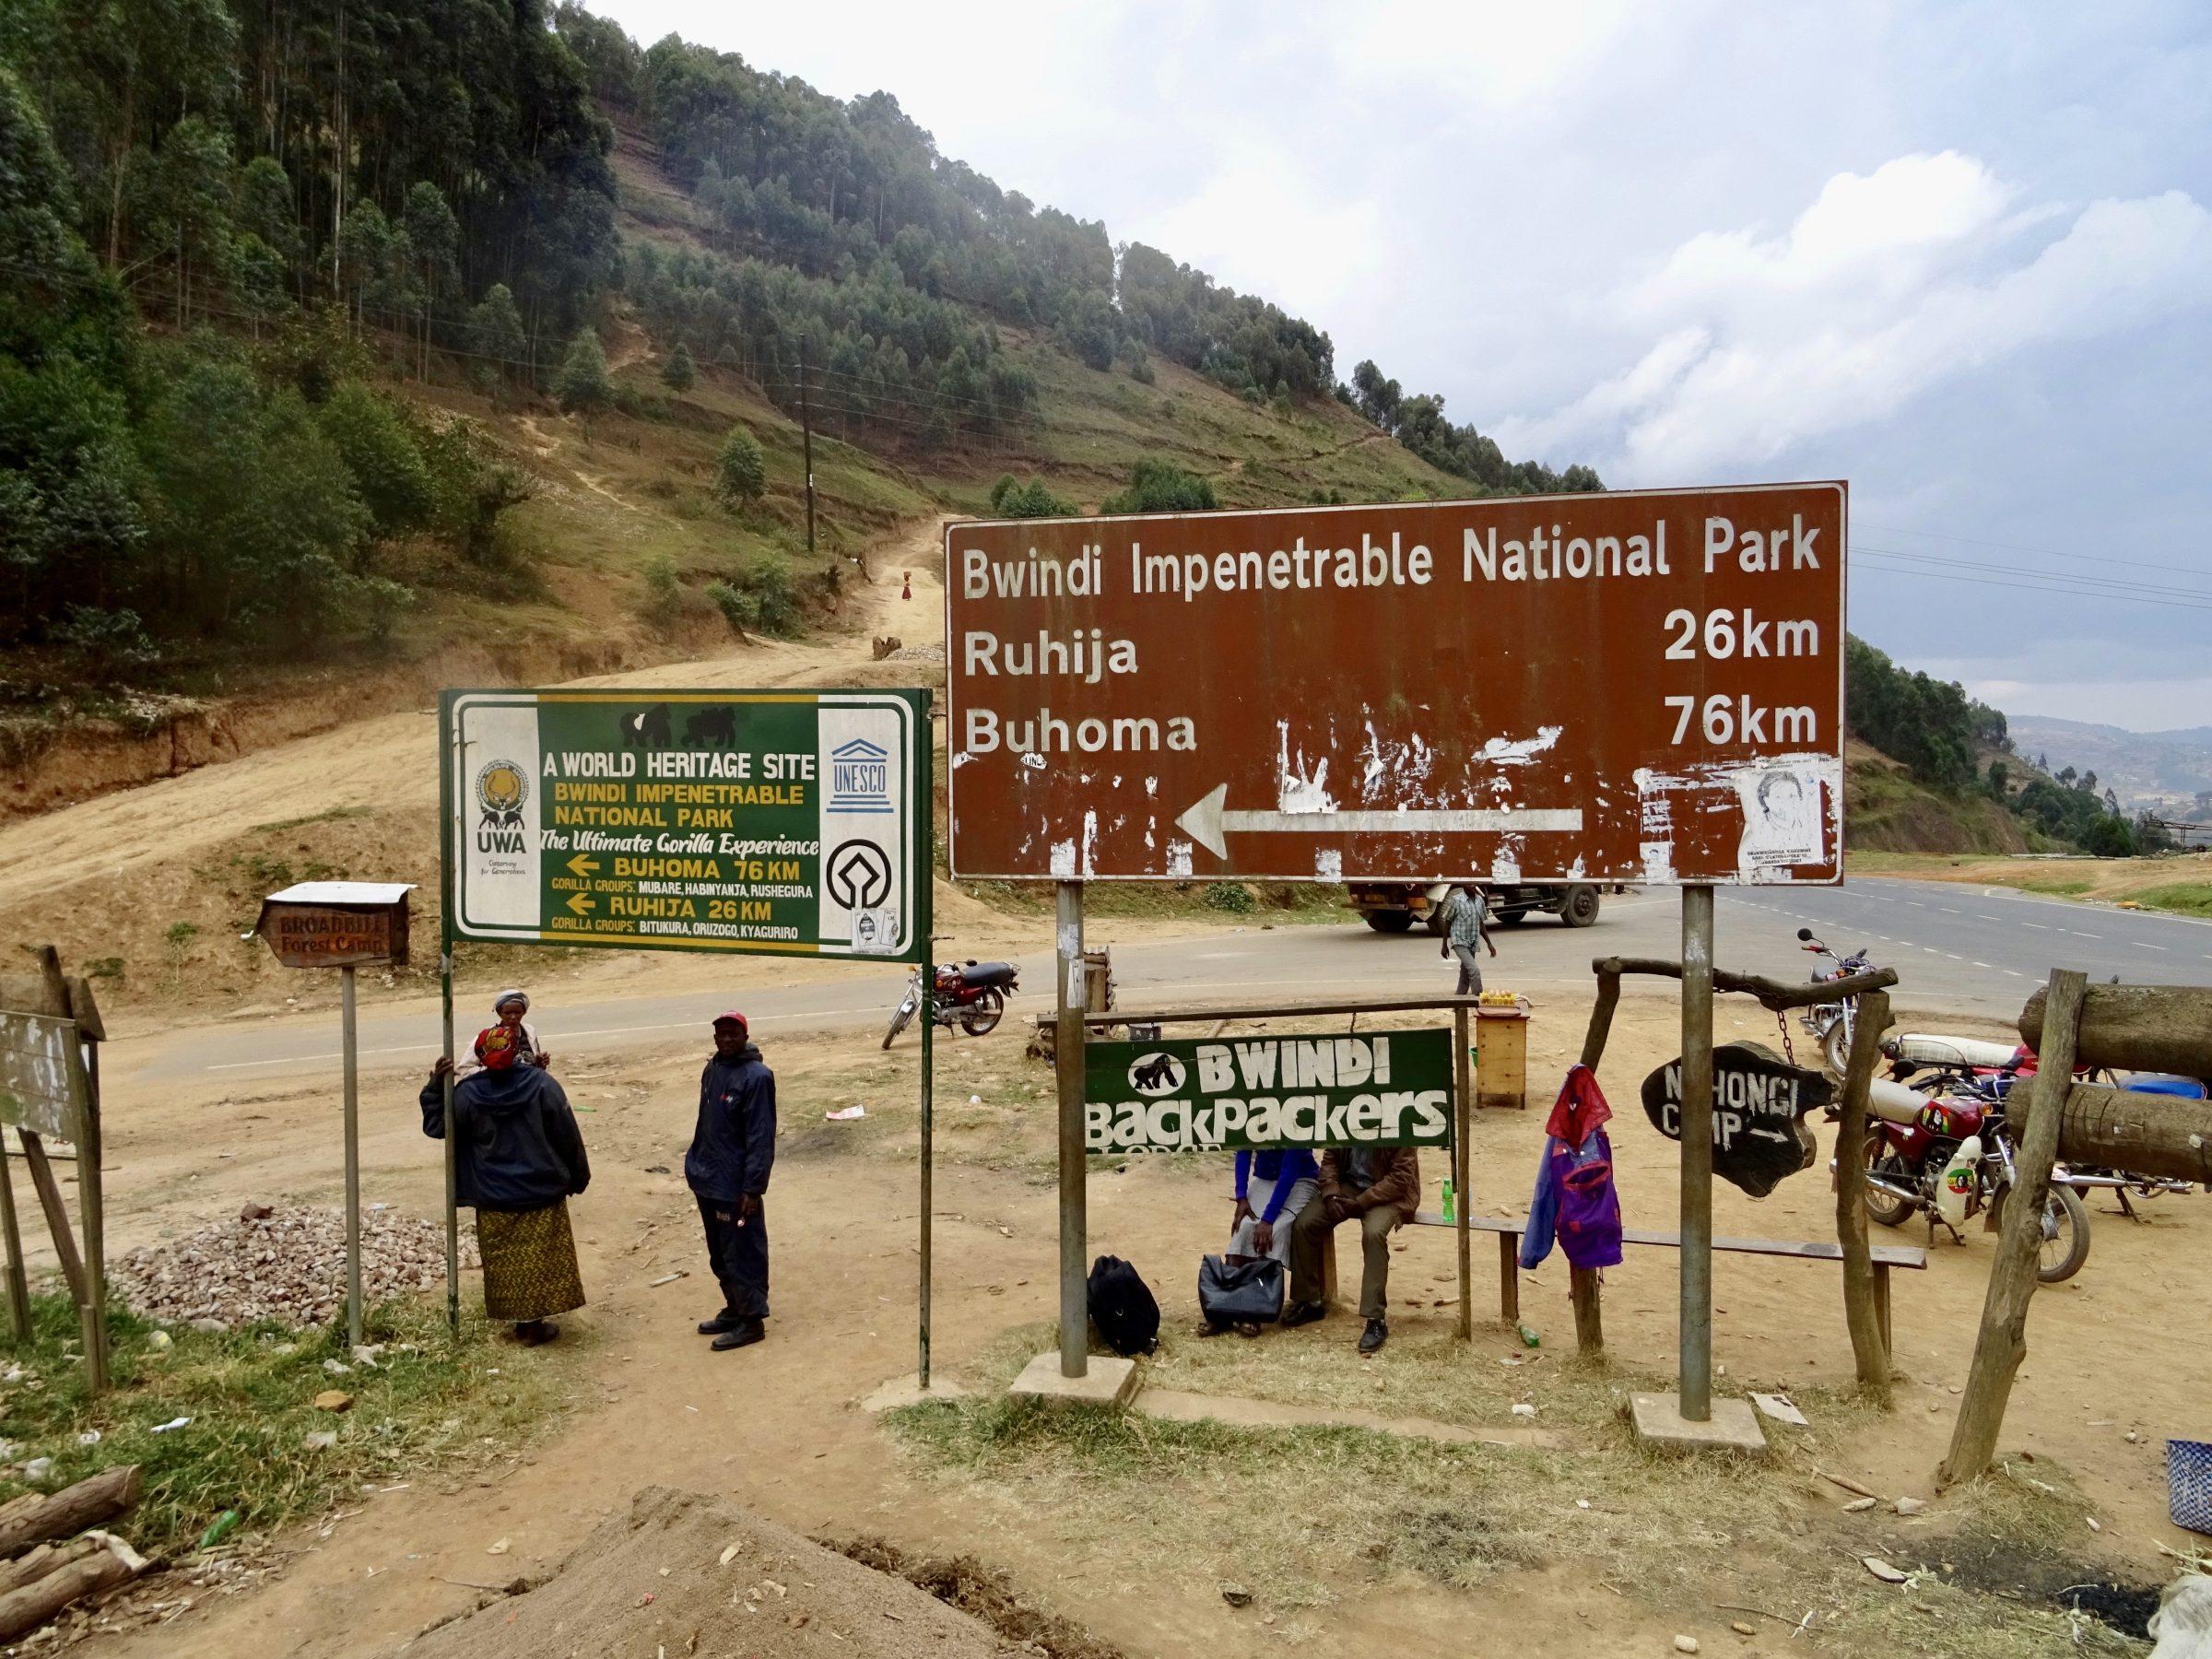 De afslag naar Bwindi